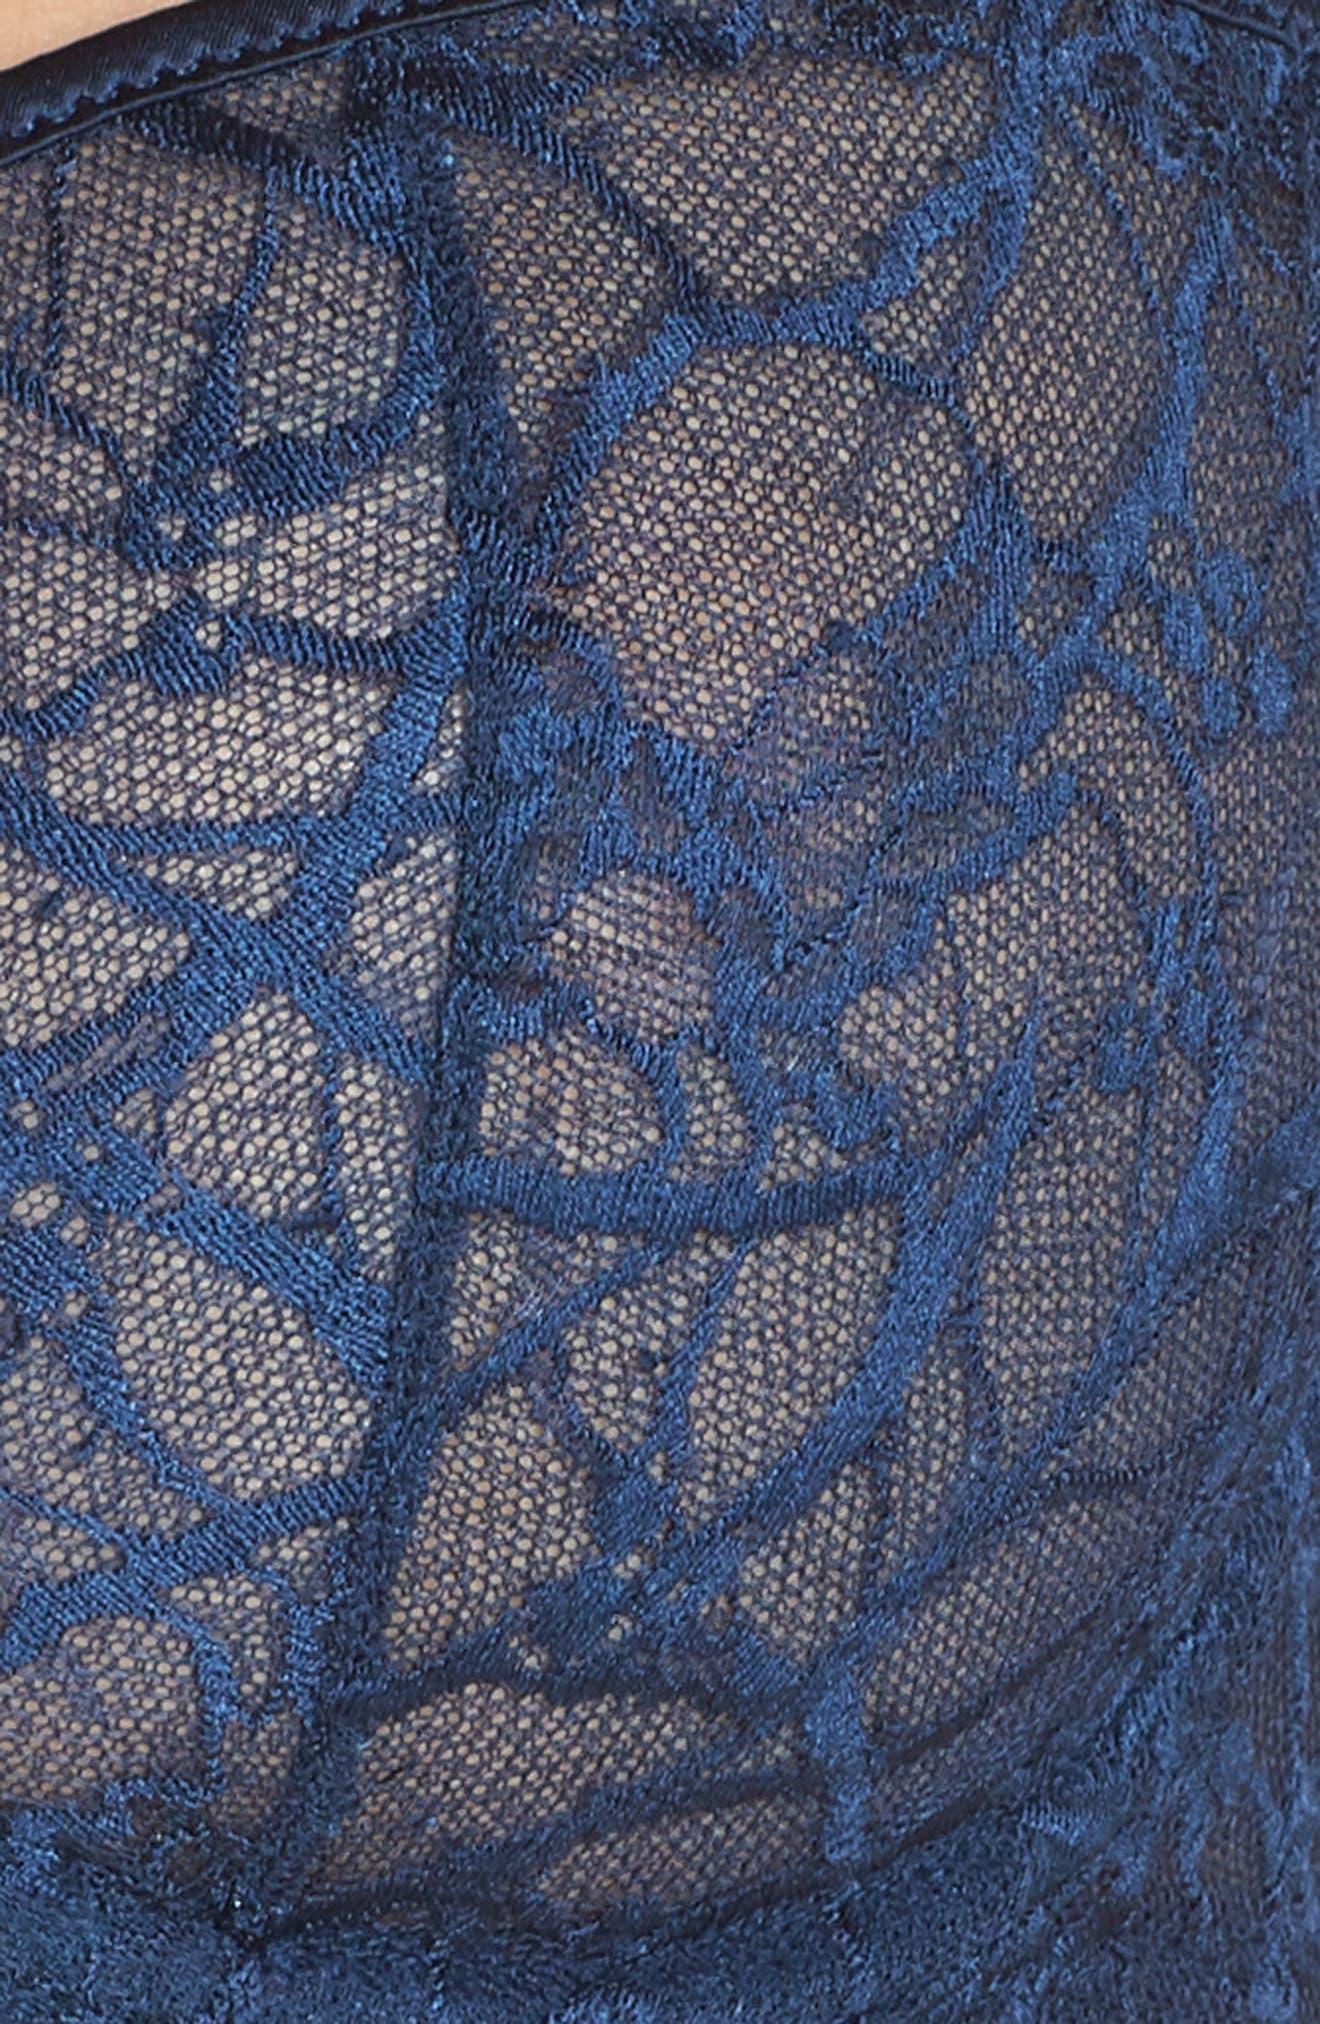 CHANTELLE INTIMATES,                             Segur Lace Underwire Demi Bra,                             Alternate thumbnail 6, color,                             DEEP BLUE